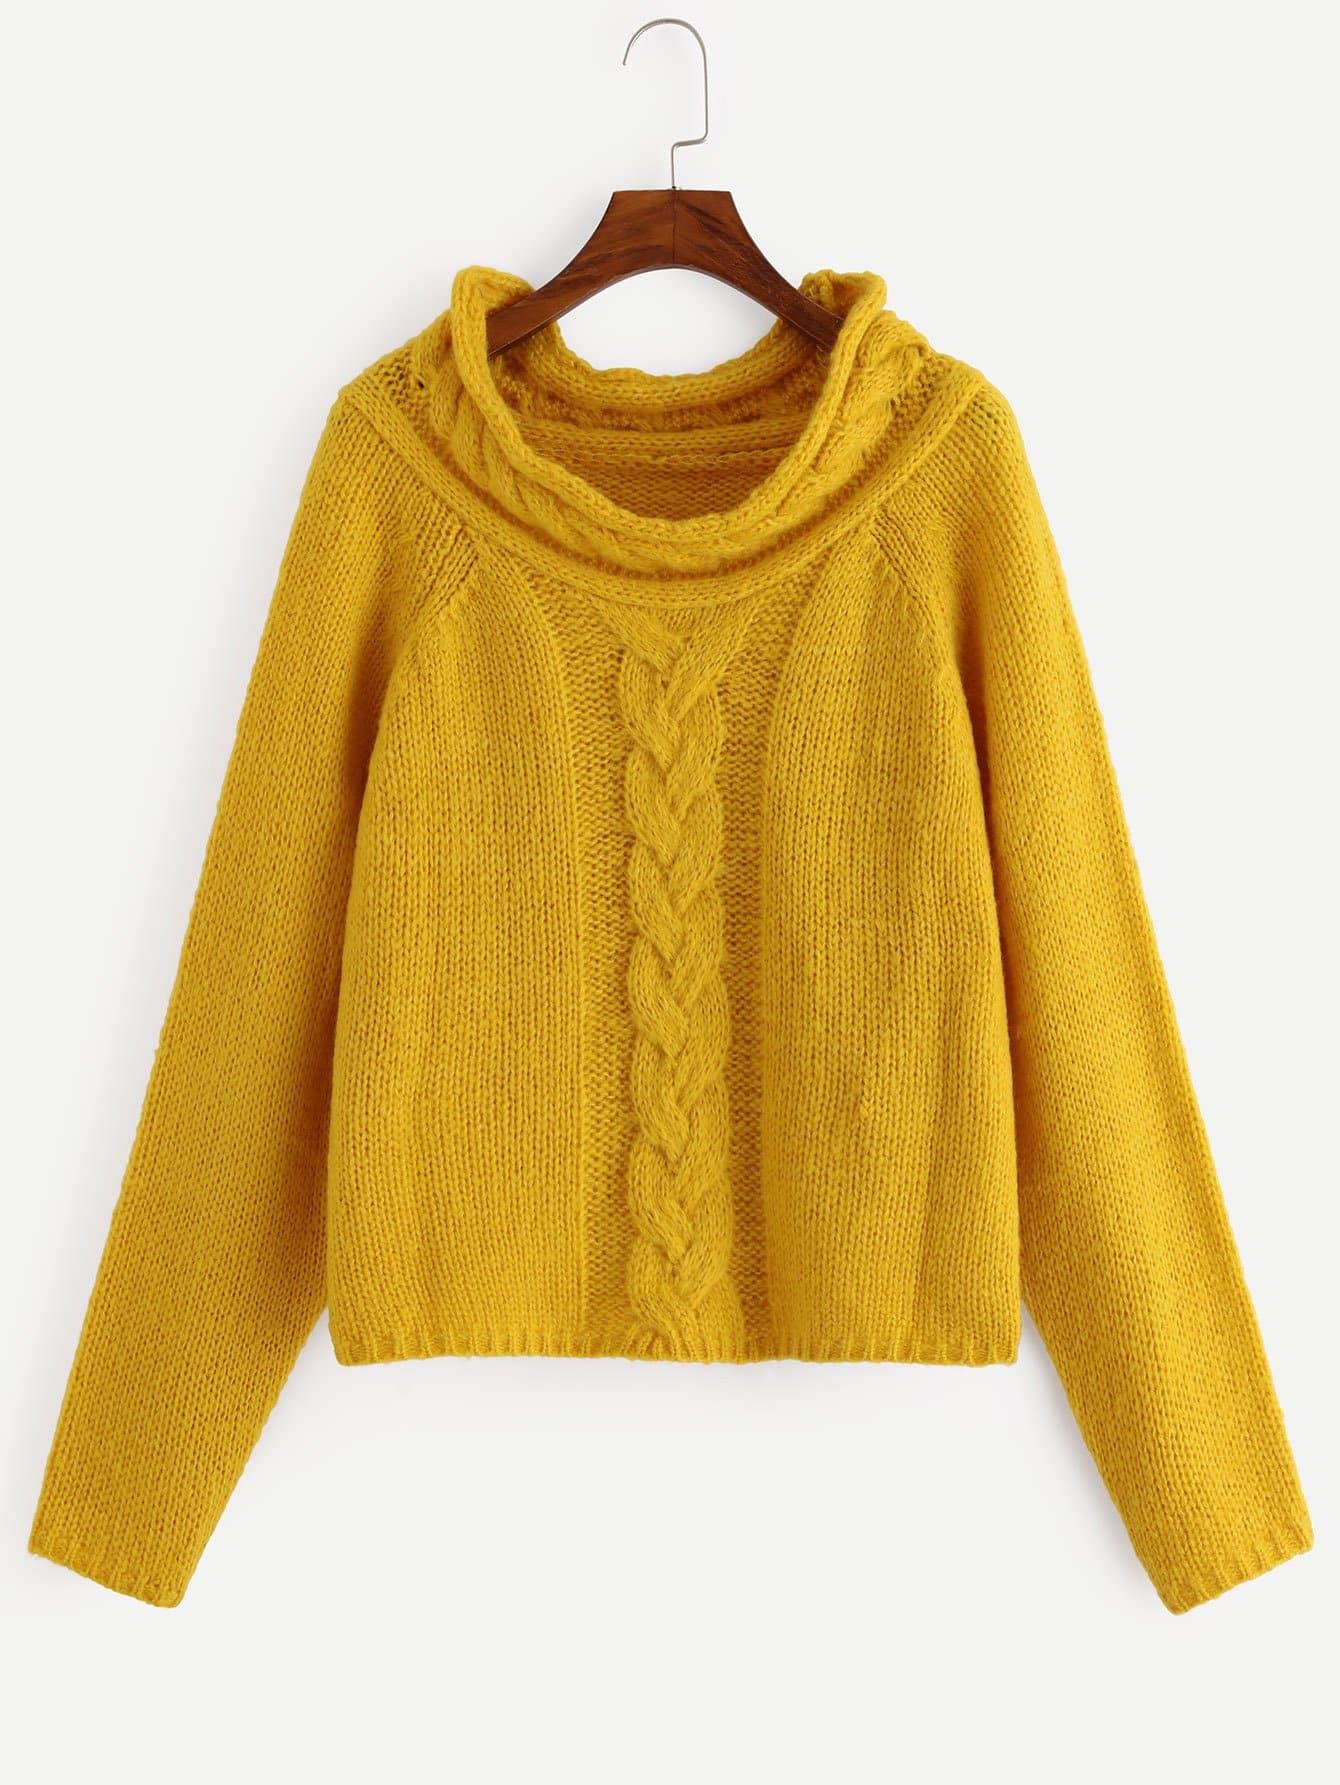 Фото - Одноцветный свитер с регланом-рукавом от SheIn цвет жёлтый